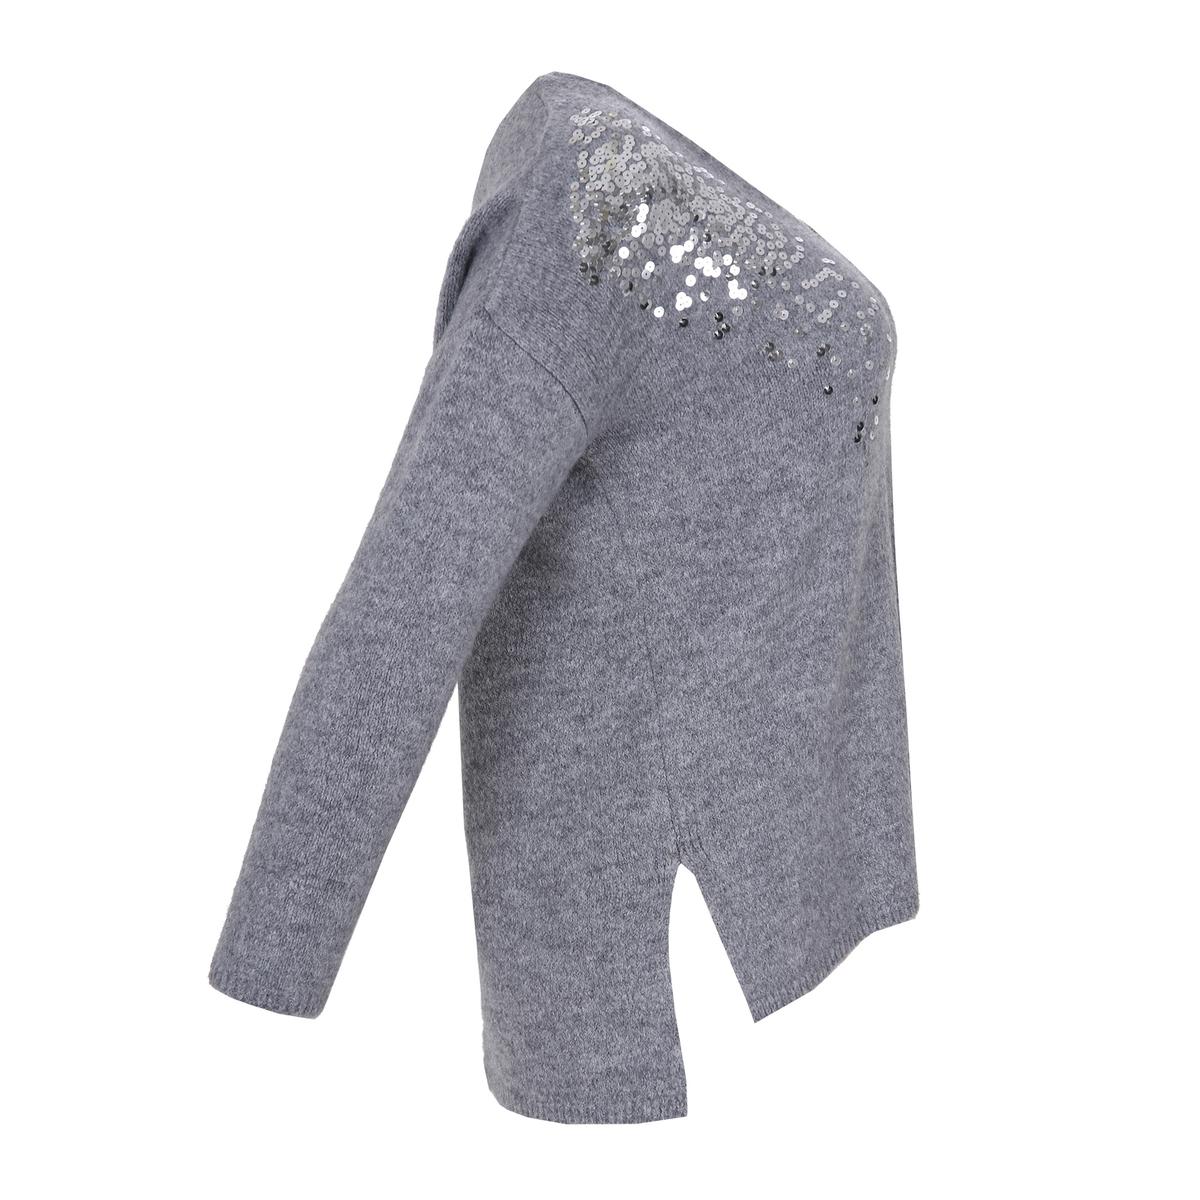 Пуловер с V-образным вырезом, пайетками и длинными рукавами бархатный мир хороший цвет с длинными рукавами v образным вырезом свитер тонкий свитер r1113 белый m